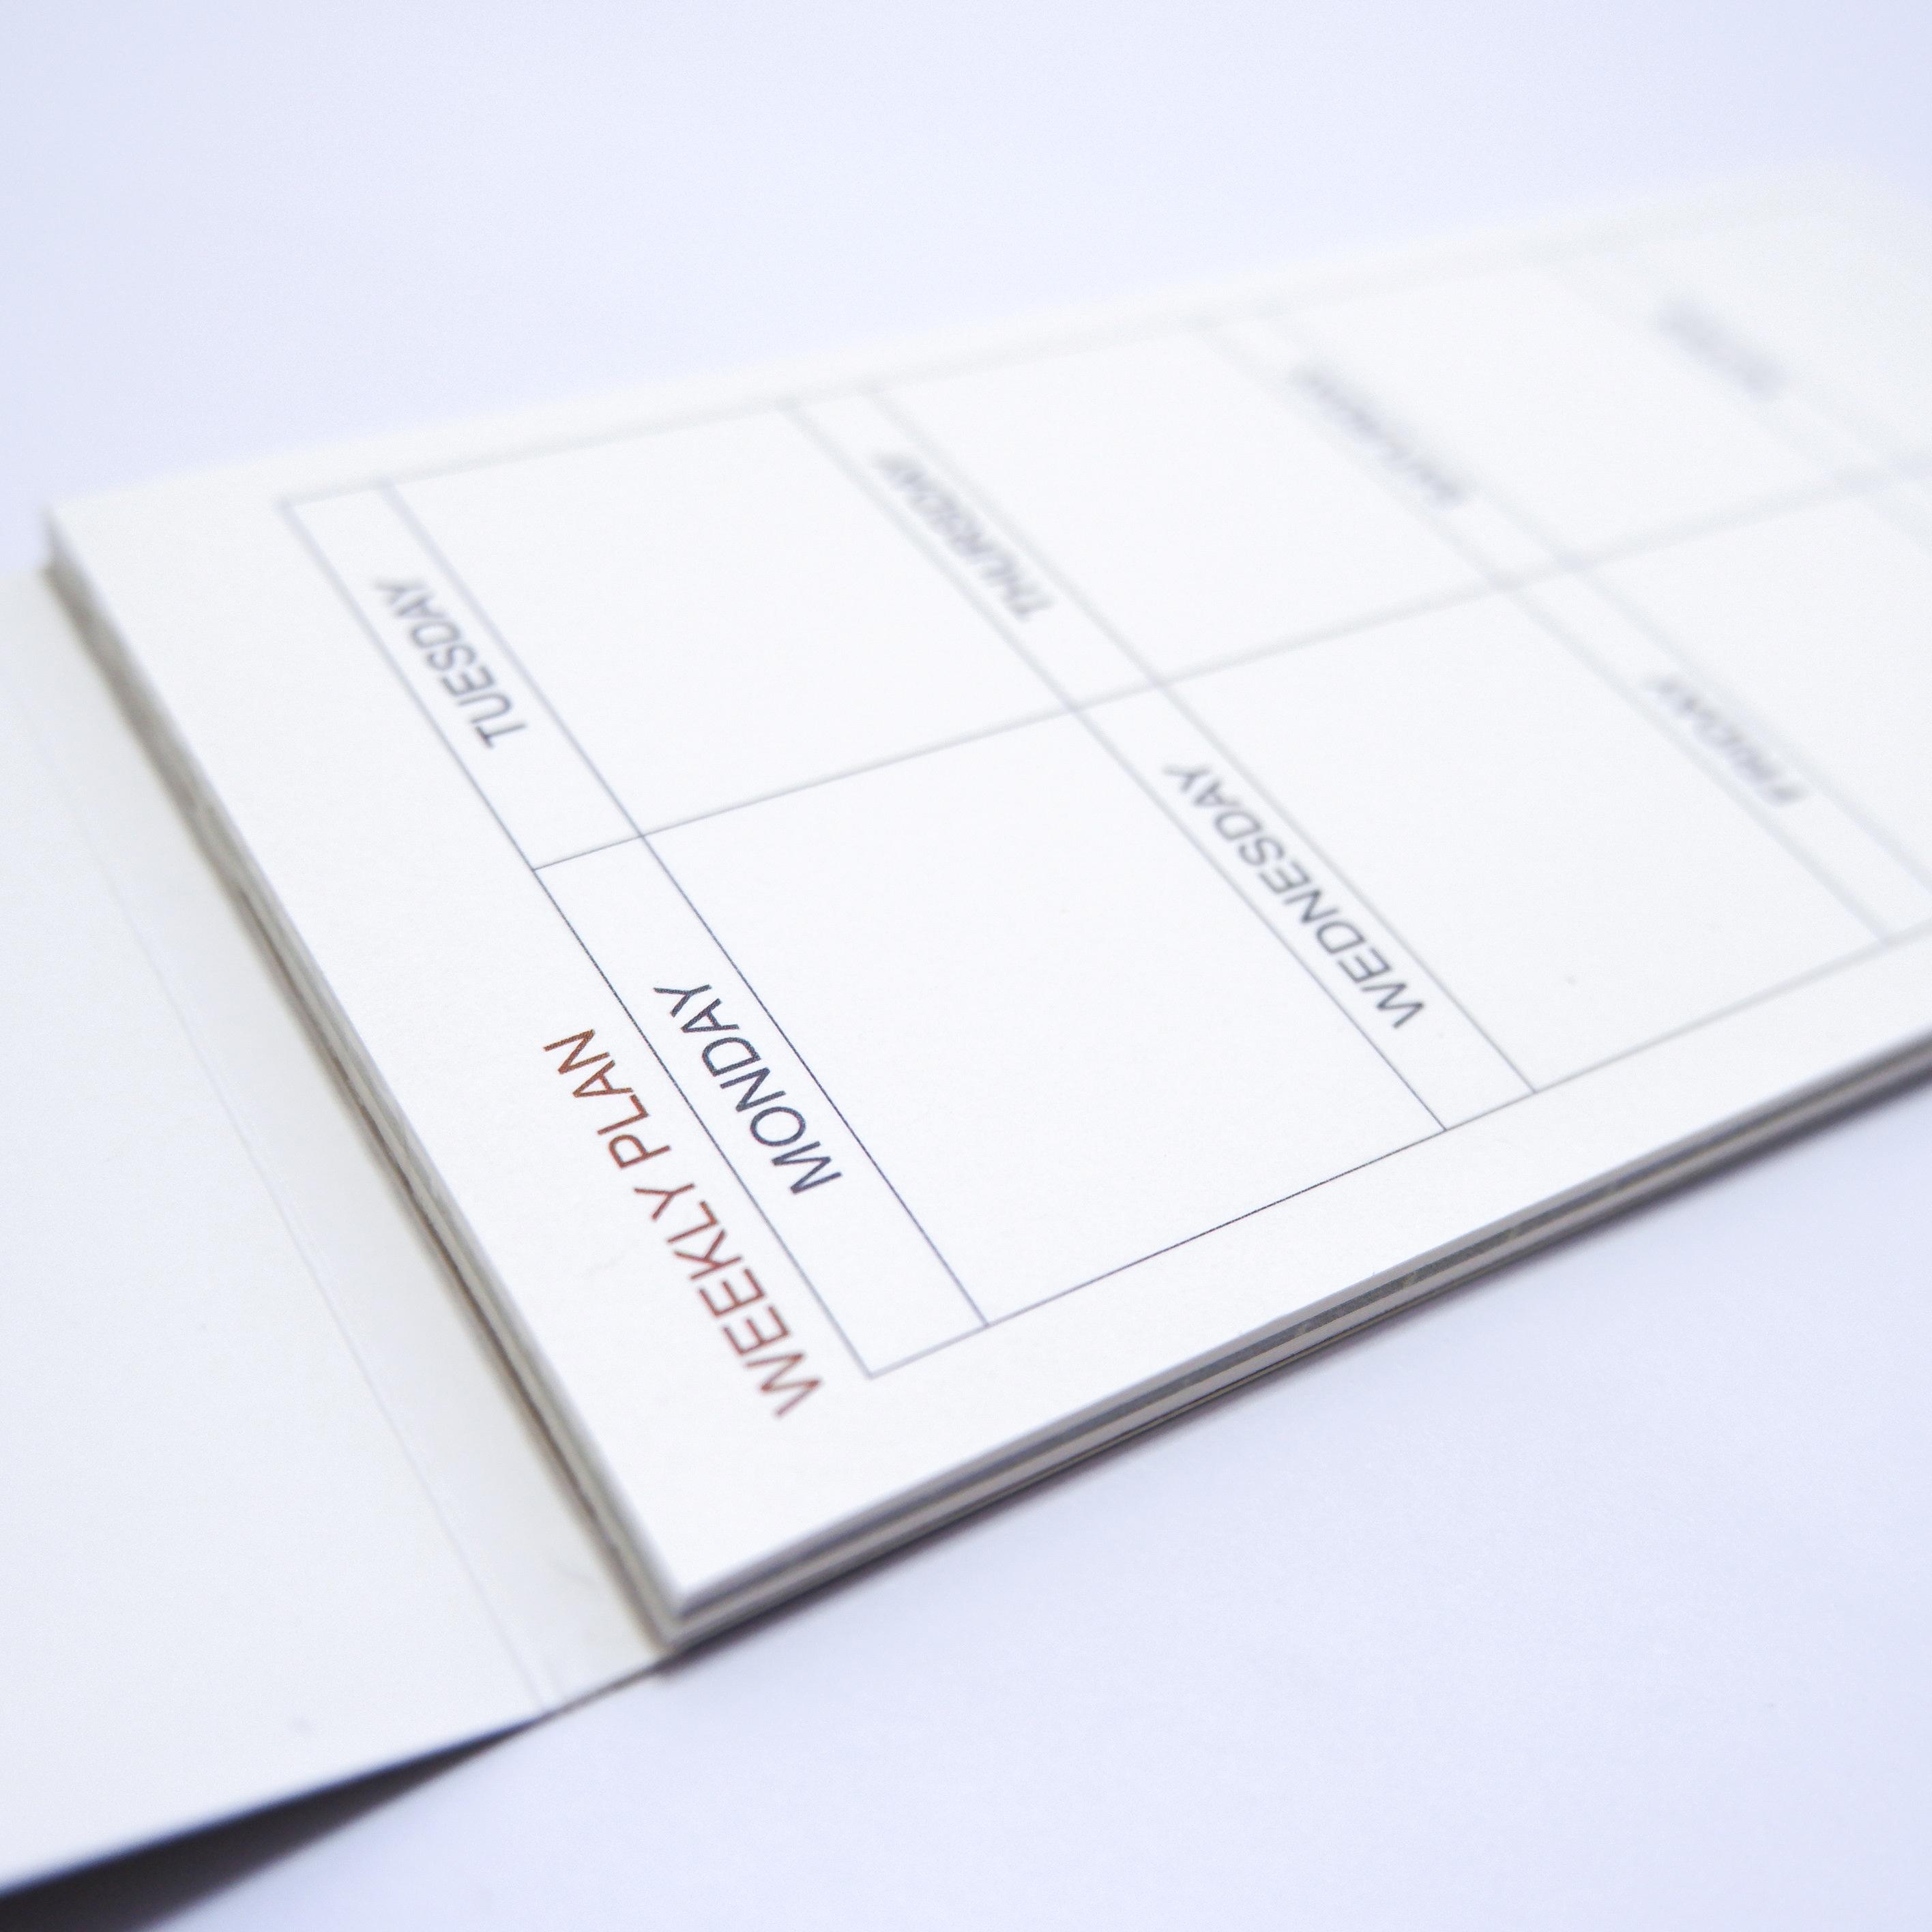 Tập Kế Hoạch Tuần - Weekly Plan